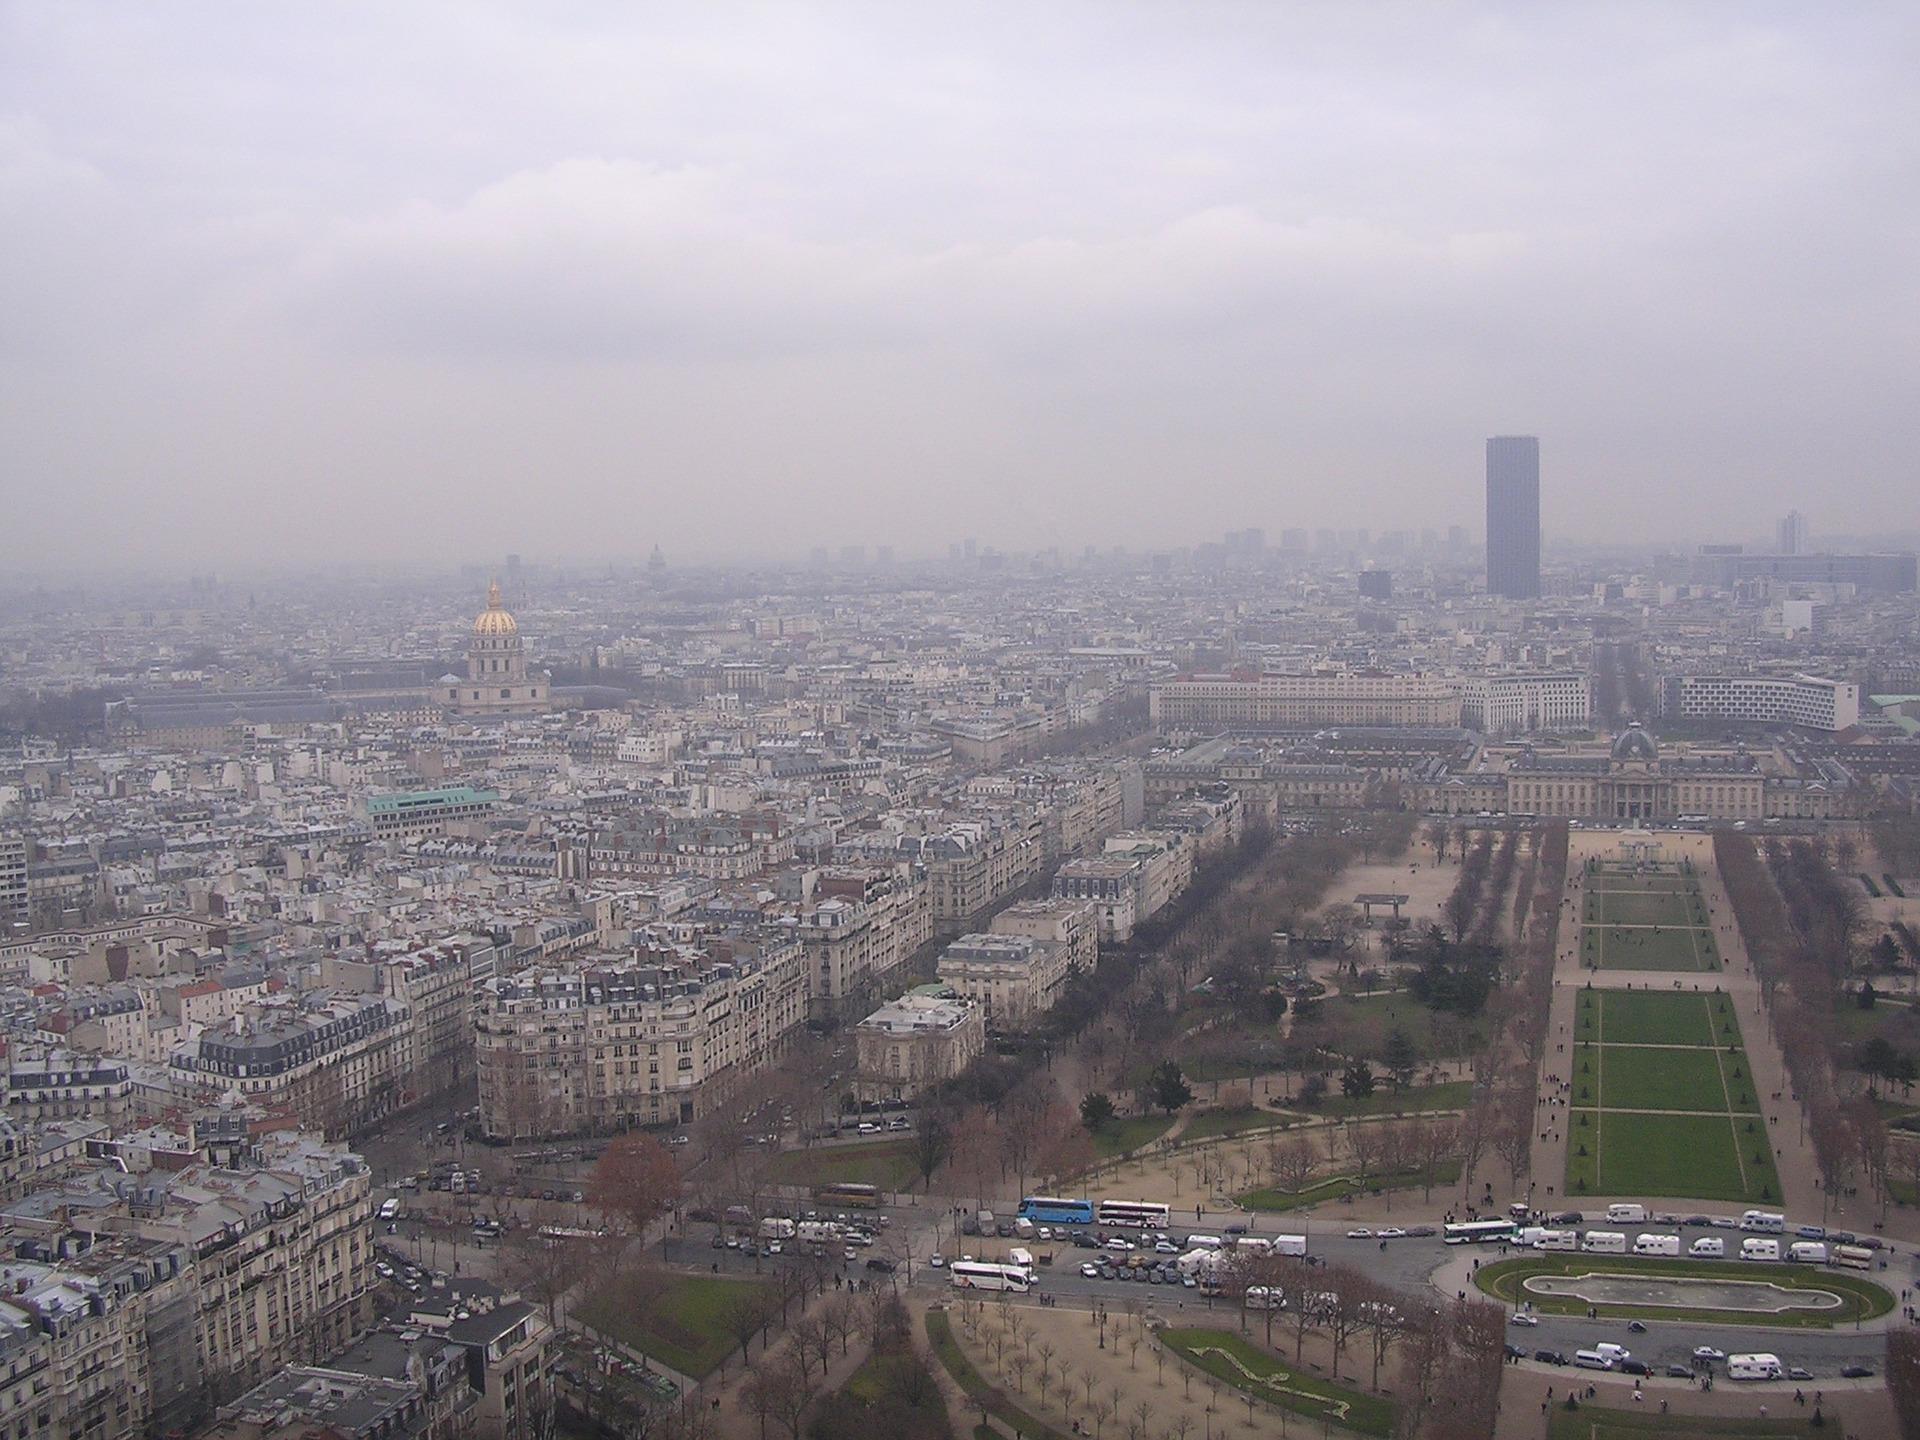 El ozono es un gas altamente reactivo que se encuentra comúnmente en entornos urbanos y suburbanos, formado cuando los contaminantes reaccionan a la luz solar./ PIXABAY